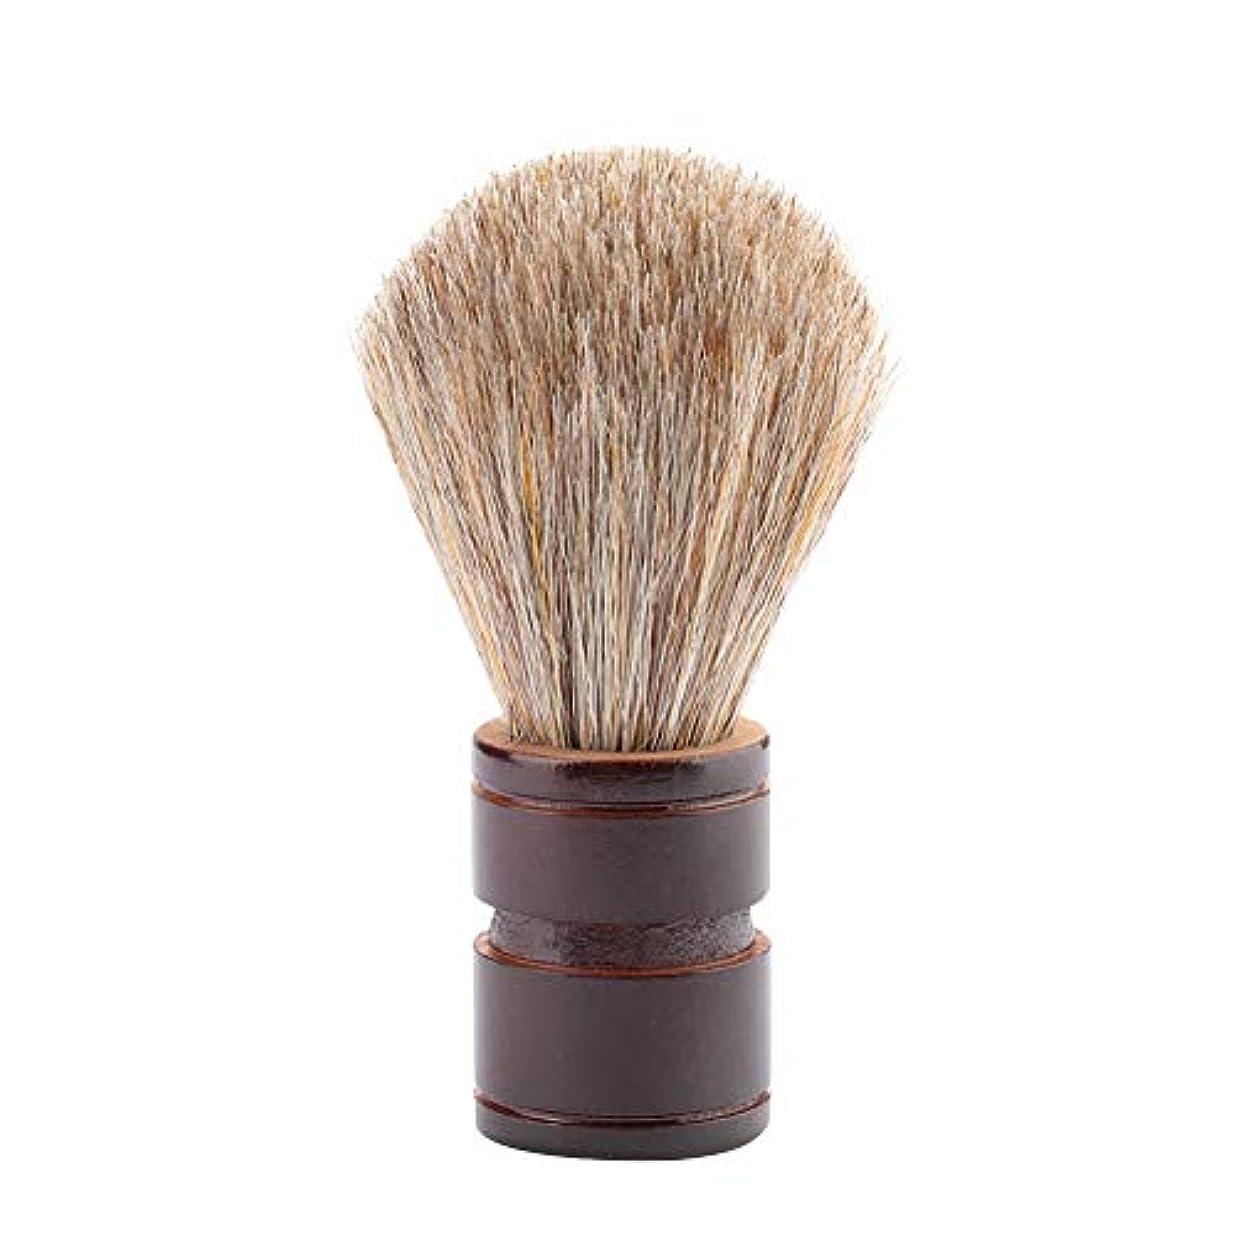 大臣診療所買うひげブラシ、2色オプションのポータブルプレミアム品質ブラシ男性のためのひげのケアツール美容院と家庭用缶(ヘム+馬毛)